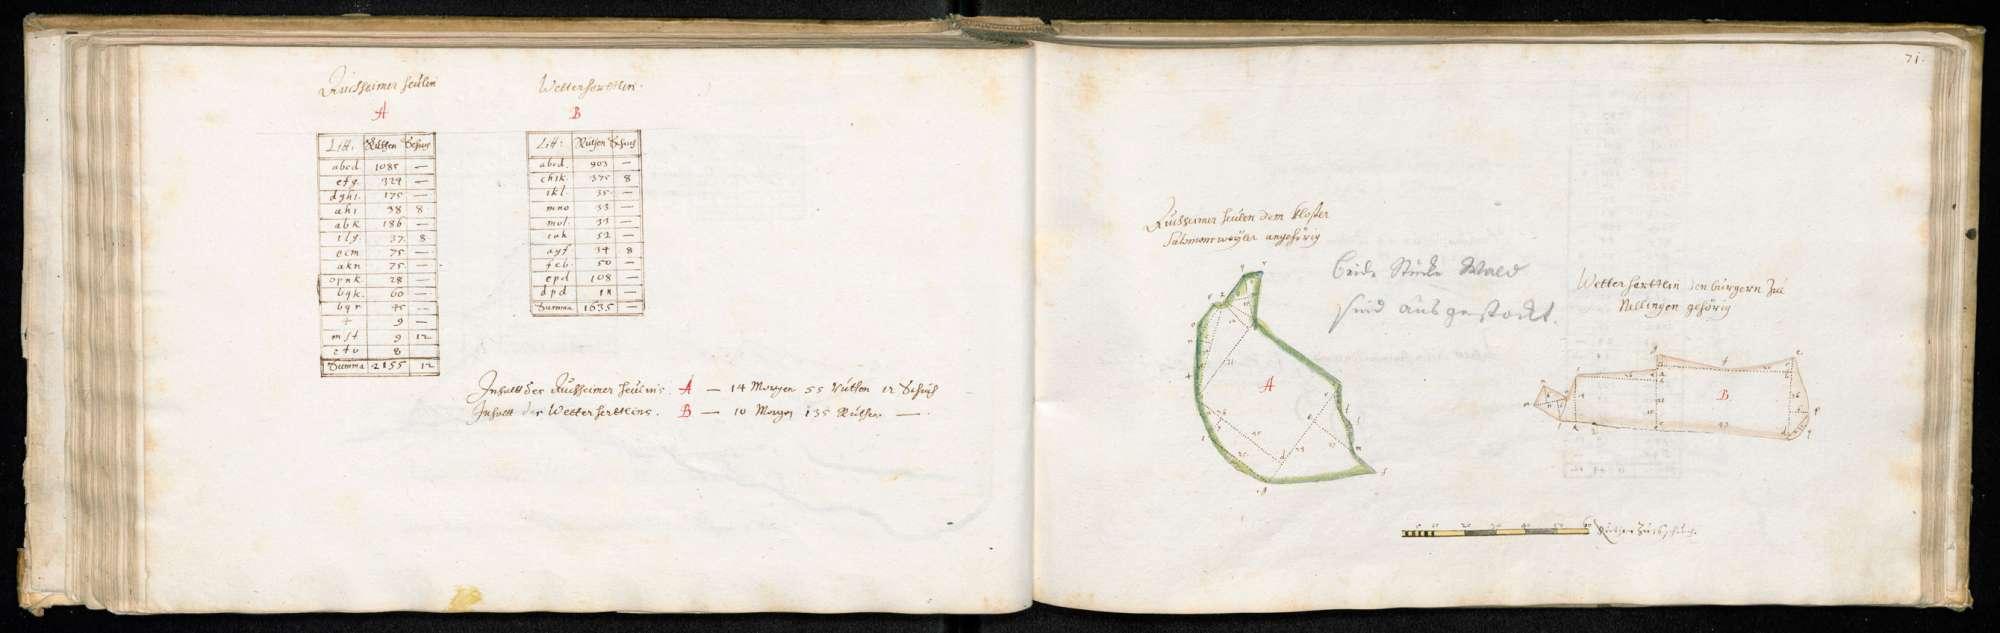 """Ruiter Hut: """"Auchheimer Heulen, dem Kloster Salomonsweiler [Salem] angehörig und Wetterhertlin, den Bürgern zu Nellingen gehörig"""", Bild 1"""